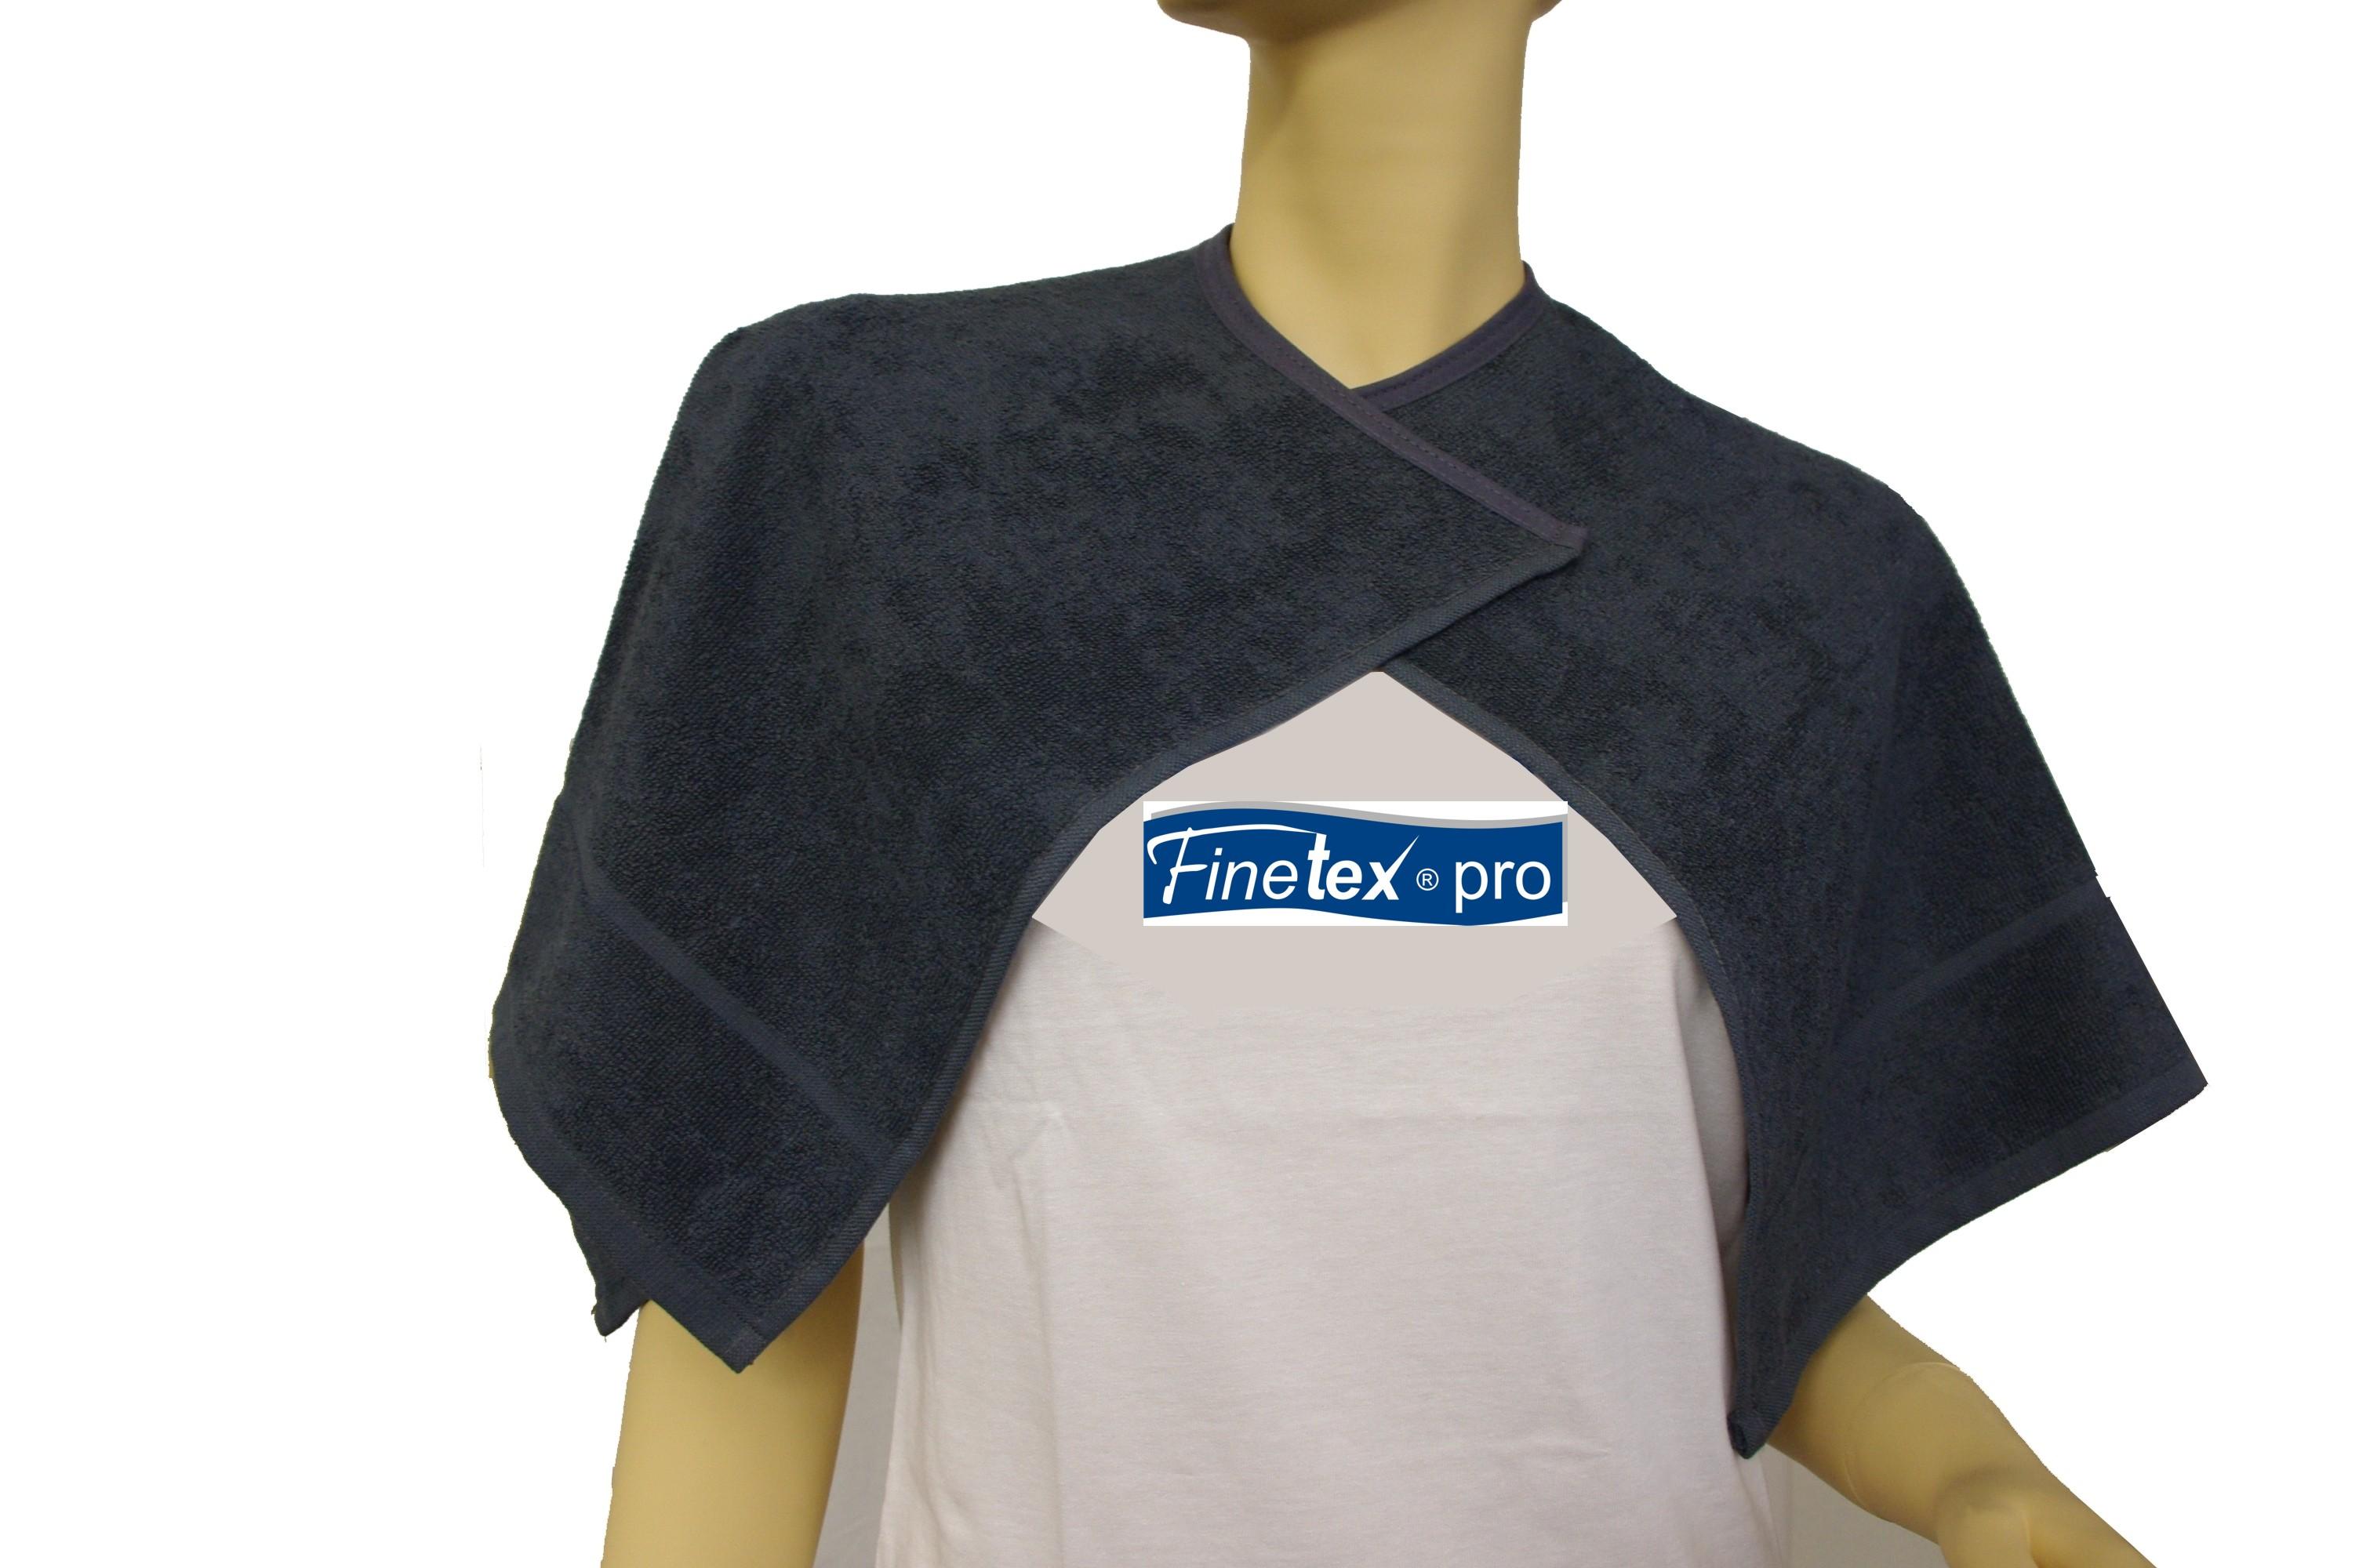 Finetex Pro Halsausschnitt-Handtuch 50 cm x 90 cm